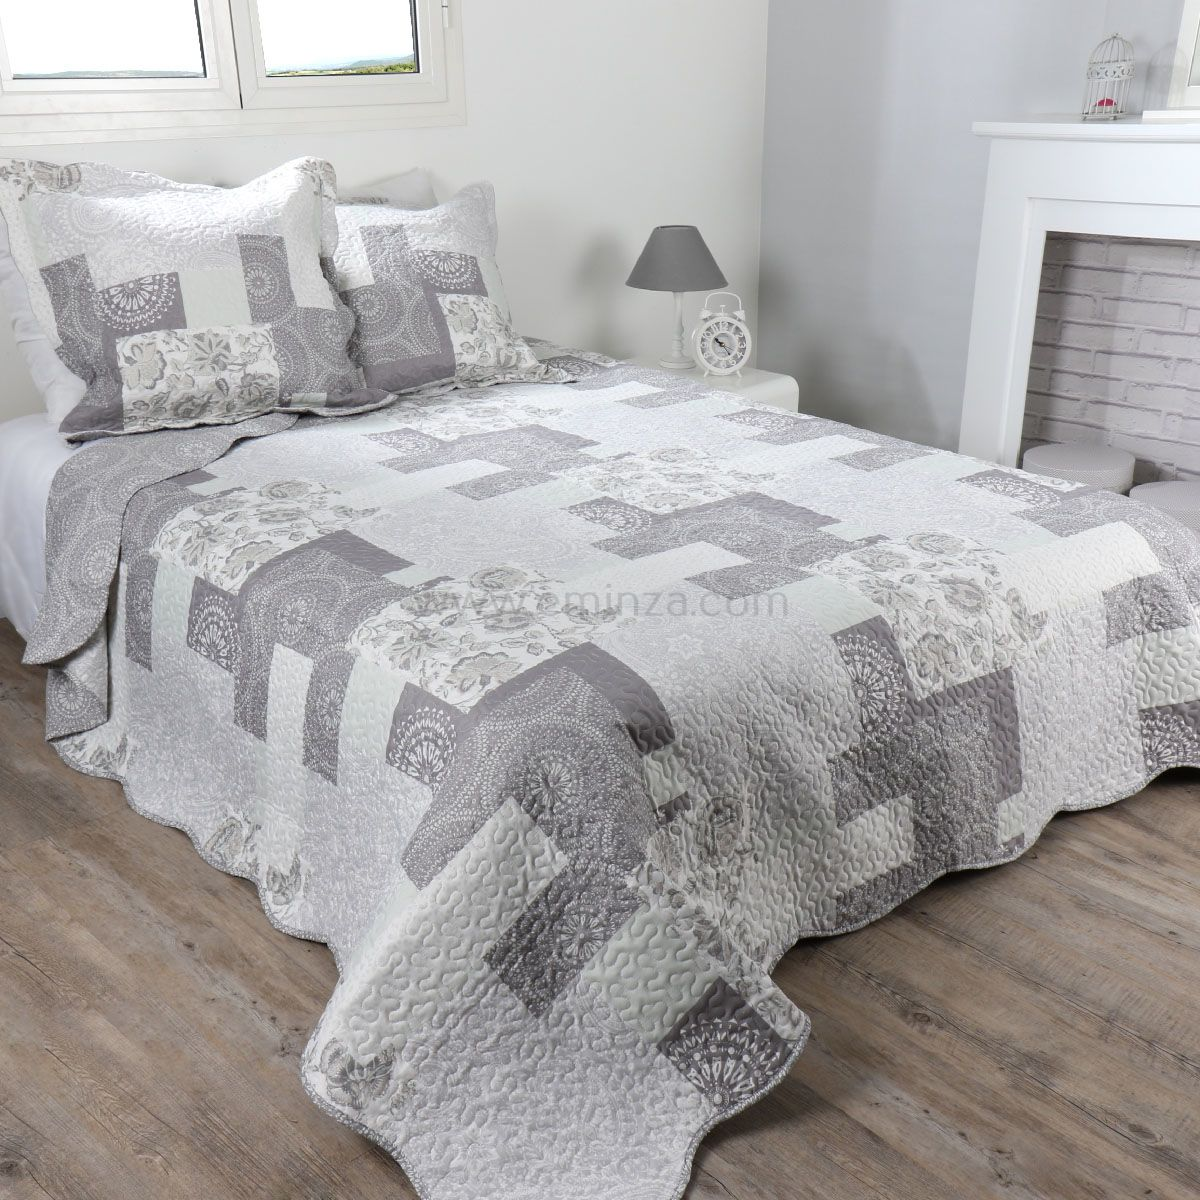 boutis et taies d 39 oreiller 220 x 240 cm shelby gris couvre lit boutis eminza. Black Bedroom Furniture Sets. Home Design Ideas